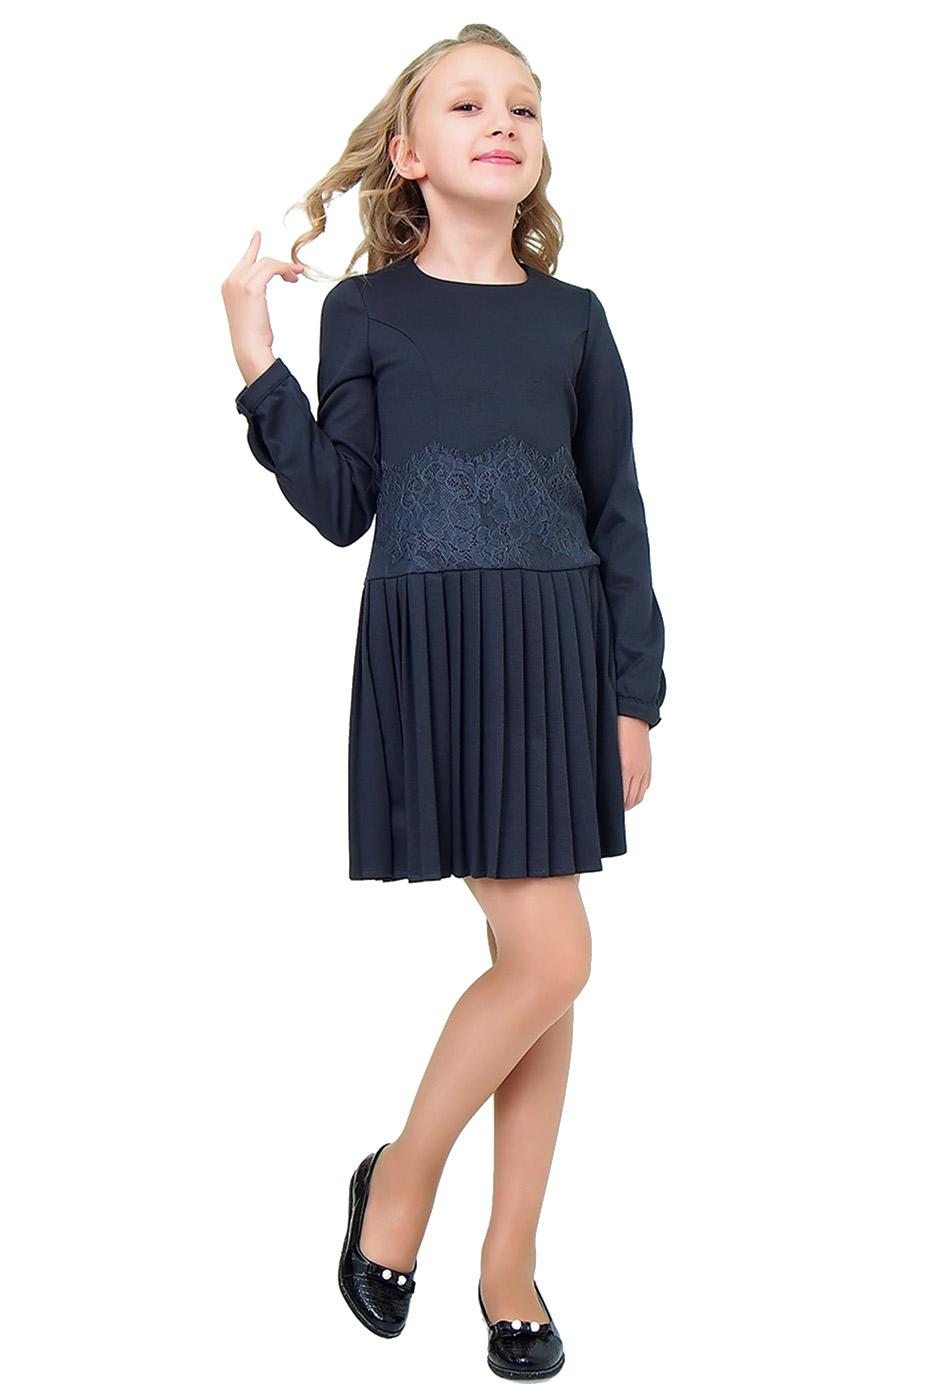 Купить 2С10-3, Платье детское Ladetto, цв. серый, р-р 158, Платья для девочек